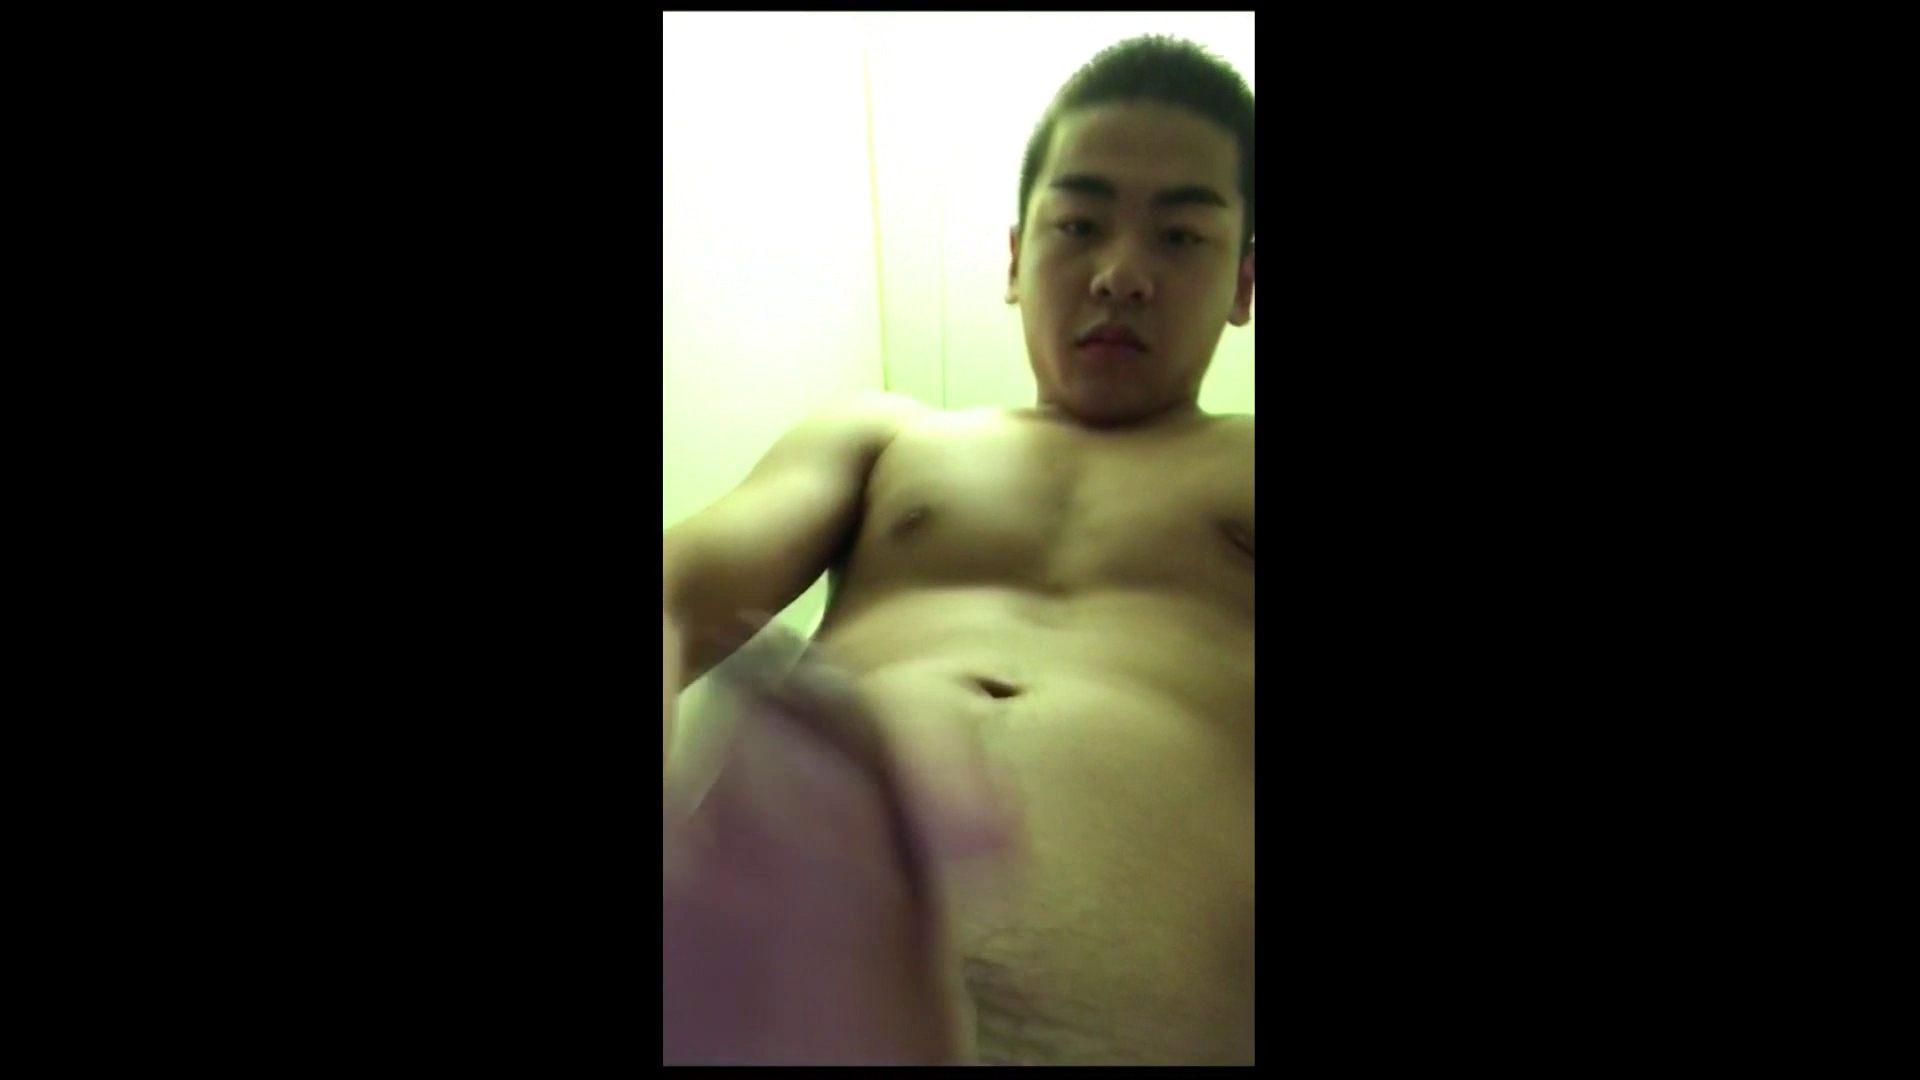 個人撮影 自慰の極意 Vol.2 自慰 ゲイアダルトビデオ紹介 75画像 70